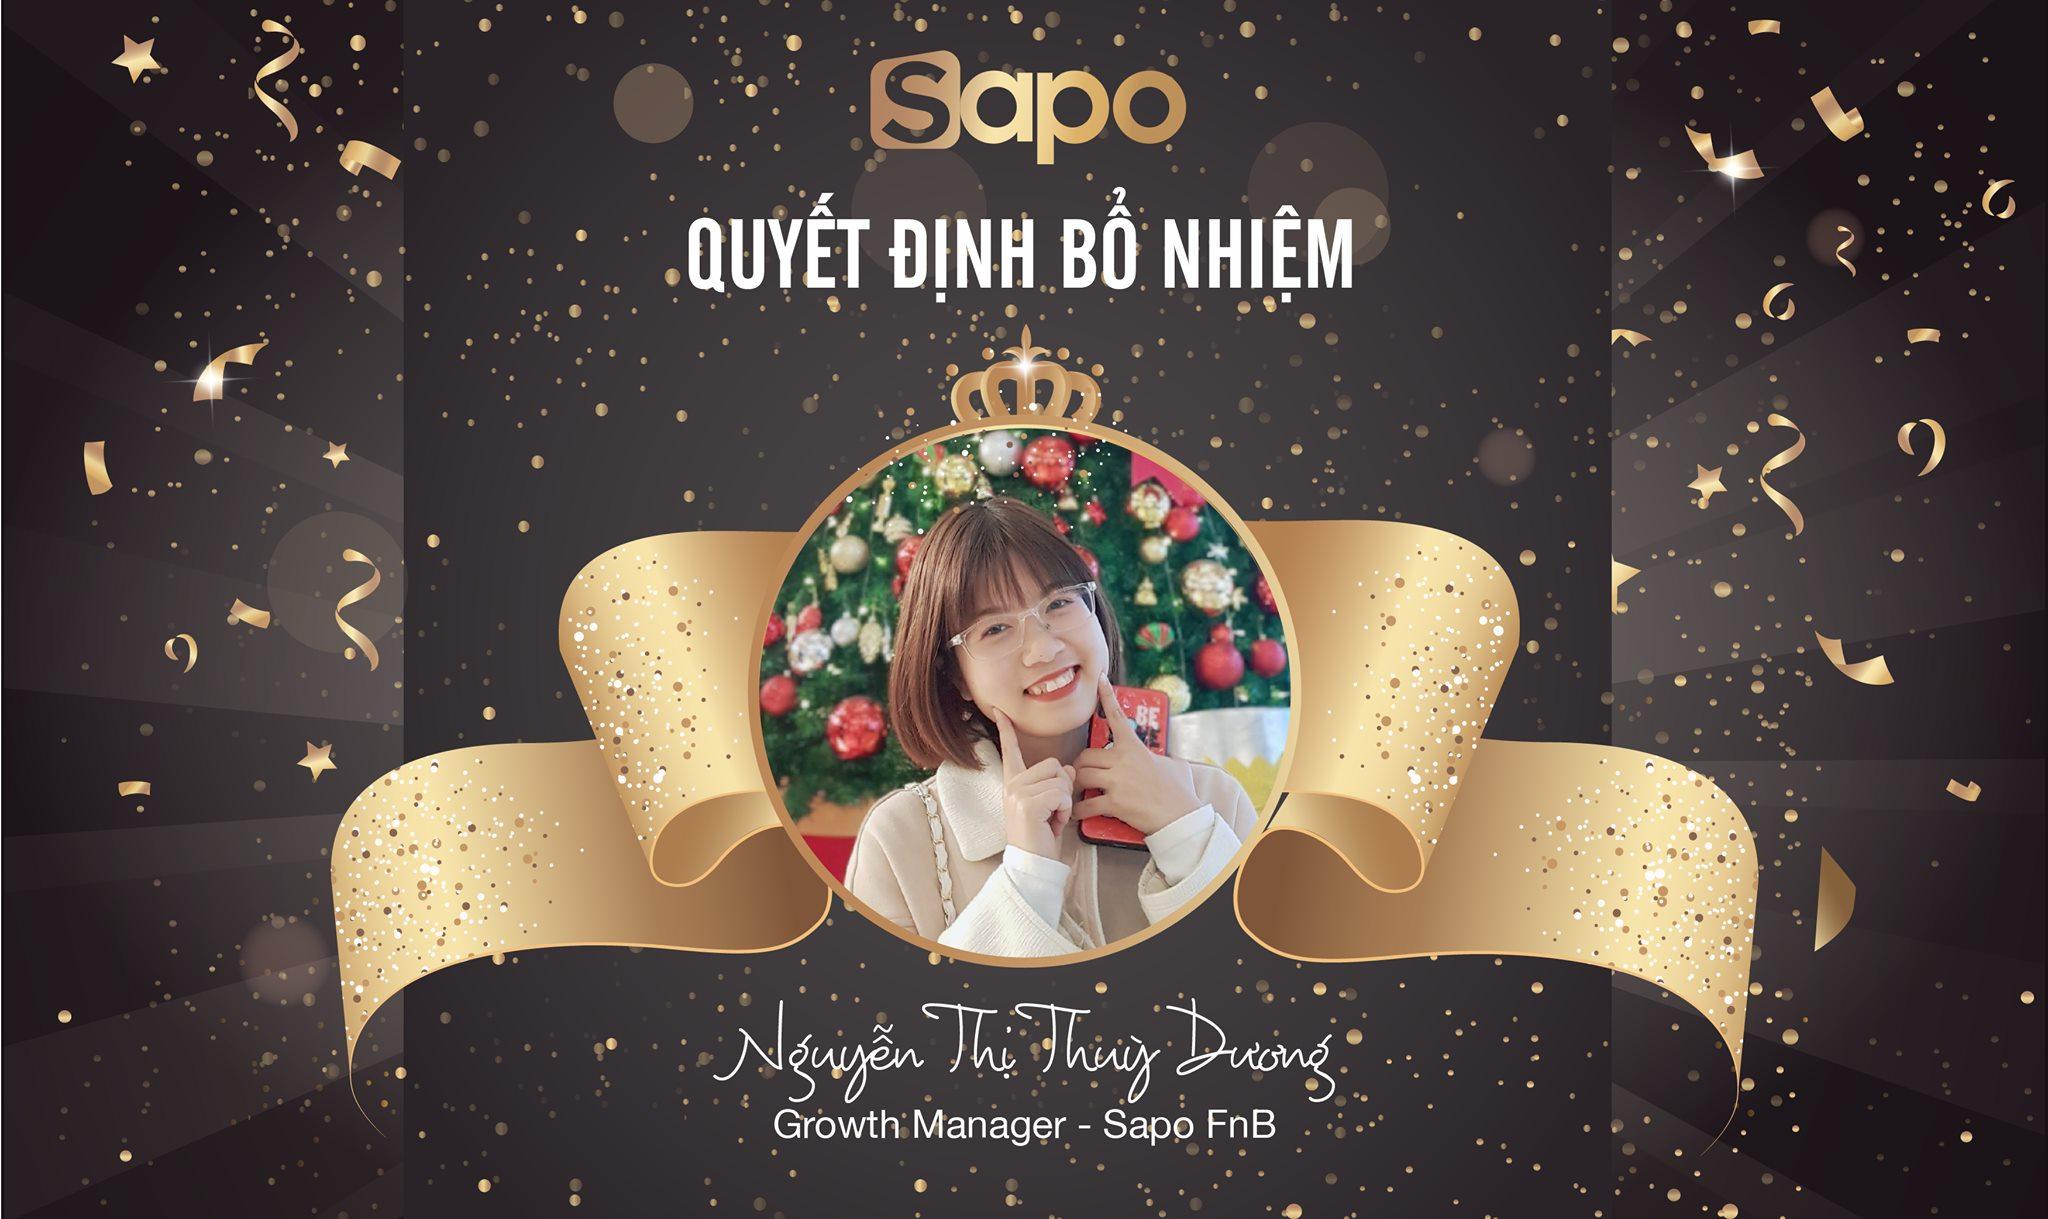 Quyết định bổ nhiệm Growth Manager - Sapo FnB